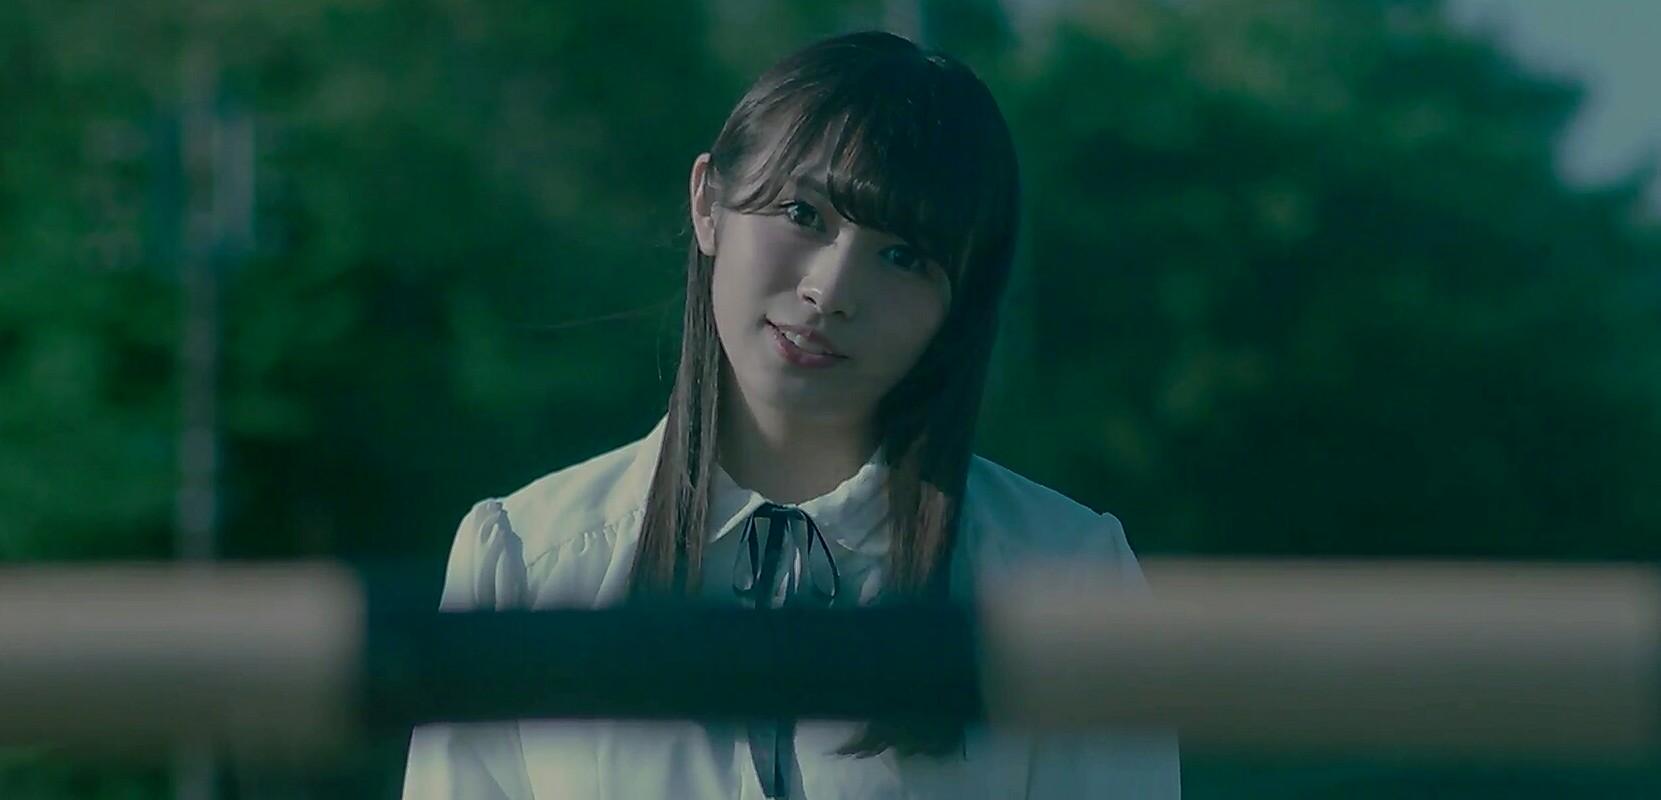 欅坂46「エキセントリック」MVフル 渡辺梨加